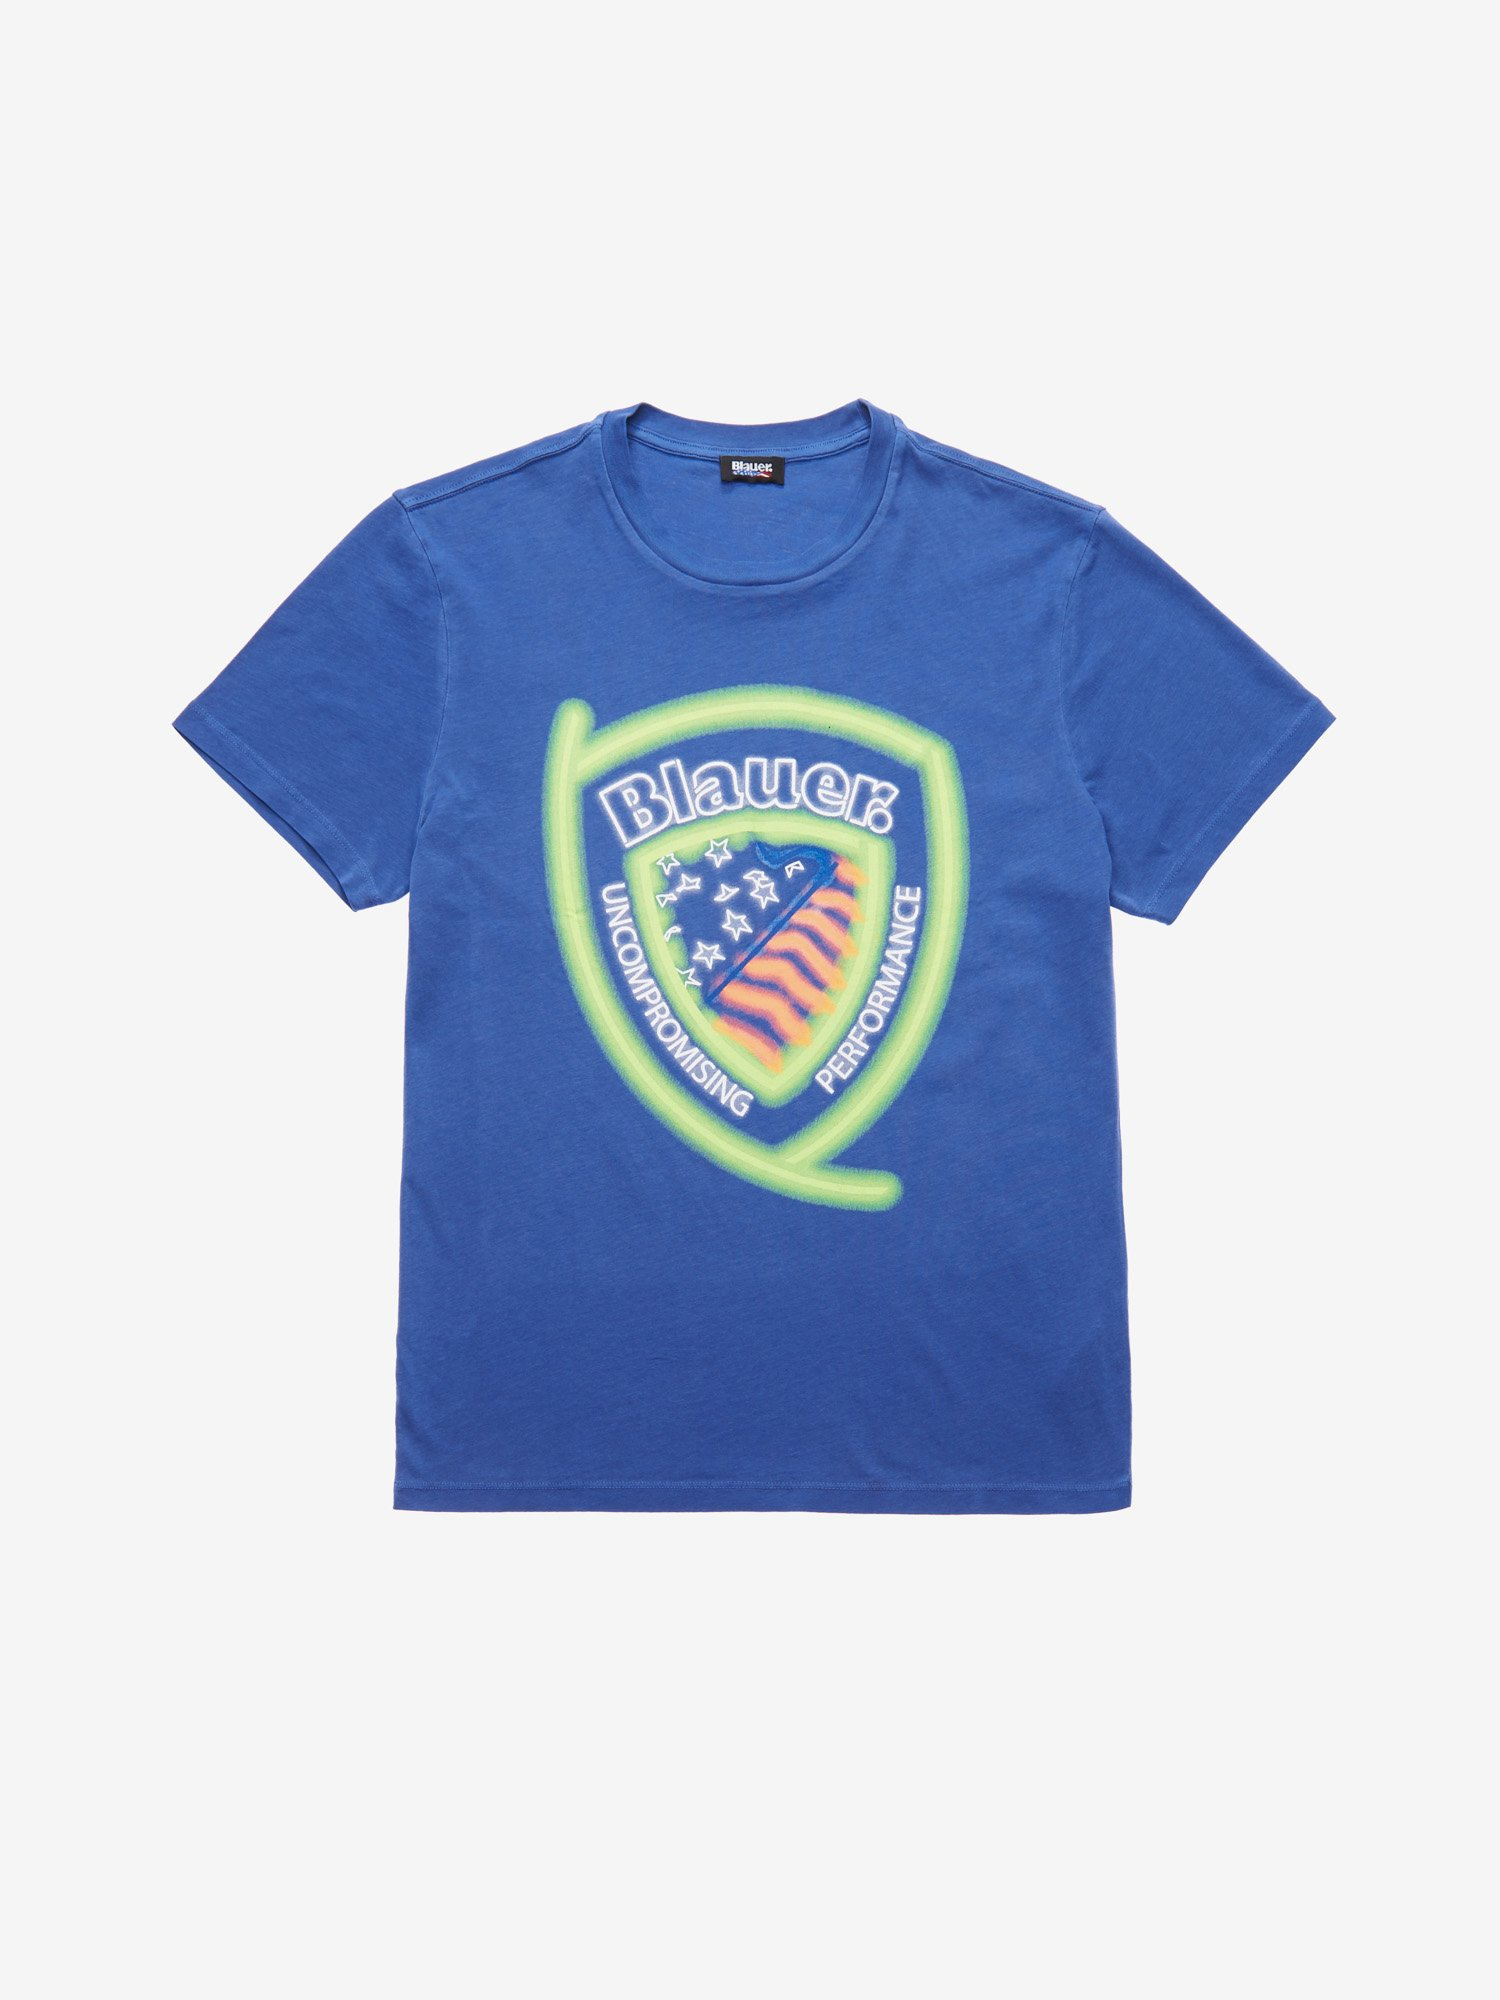 Blauer - FLUORESCENT T-SHIRT - Ultramarine Blue - Blauer